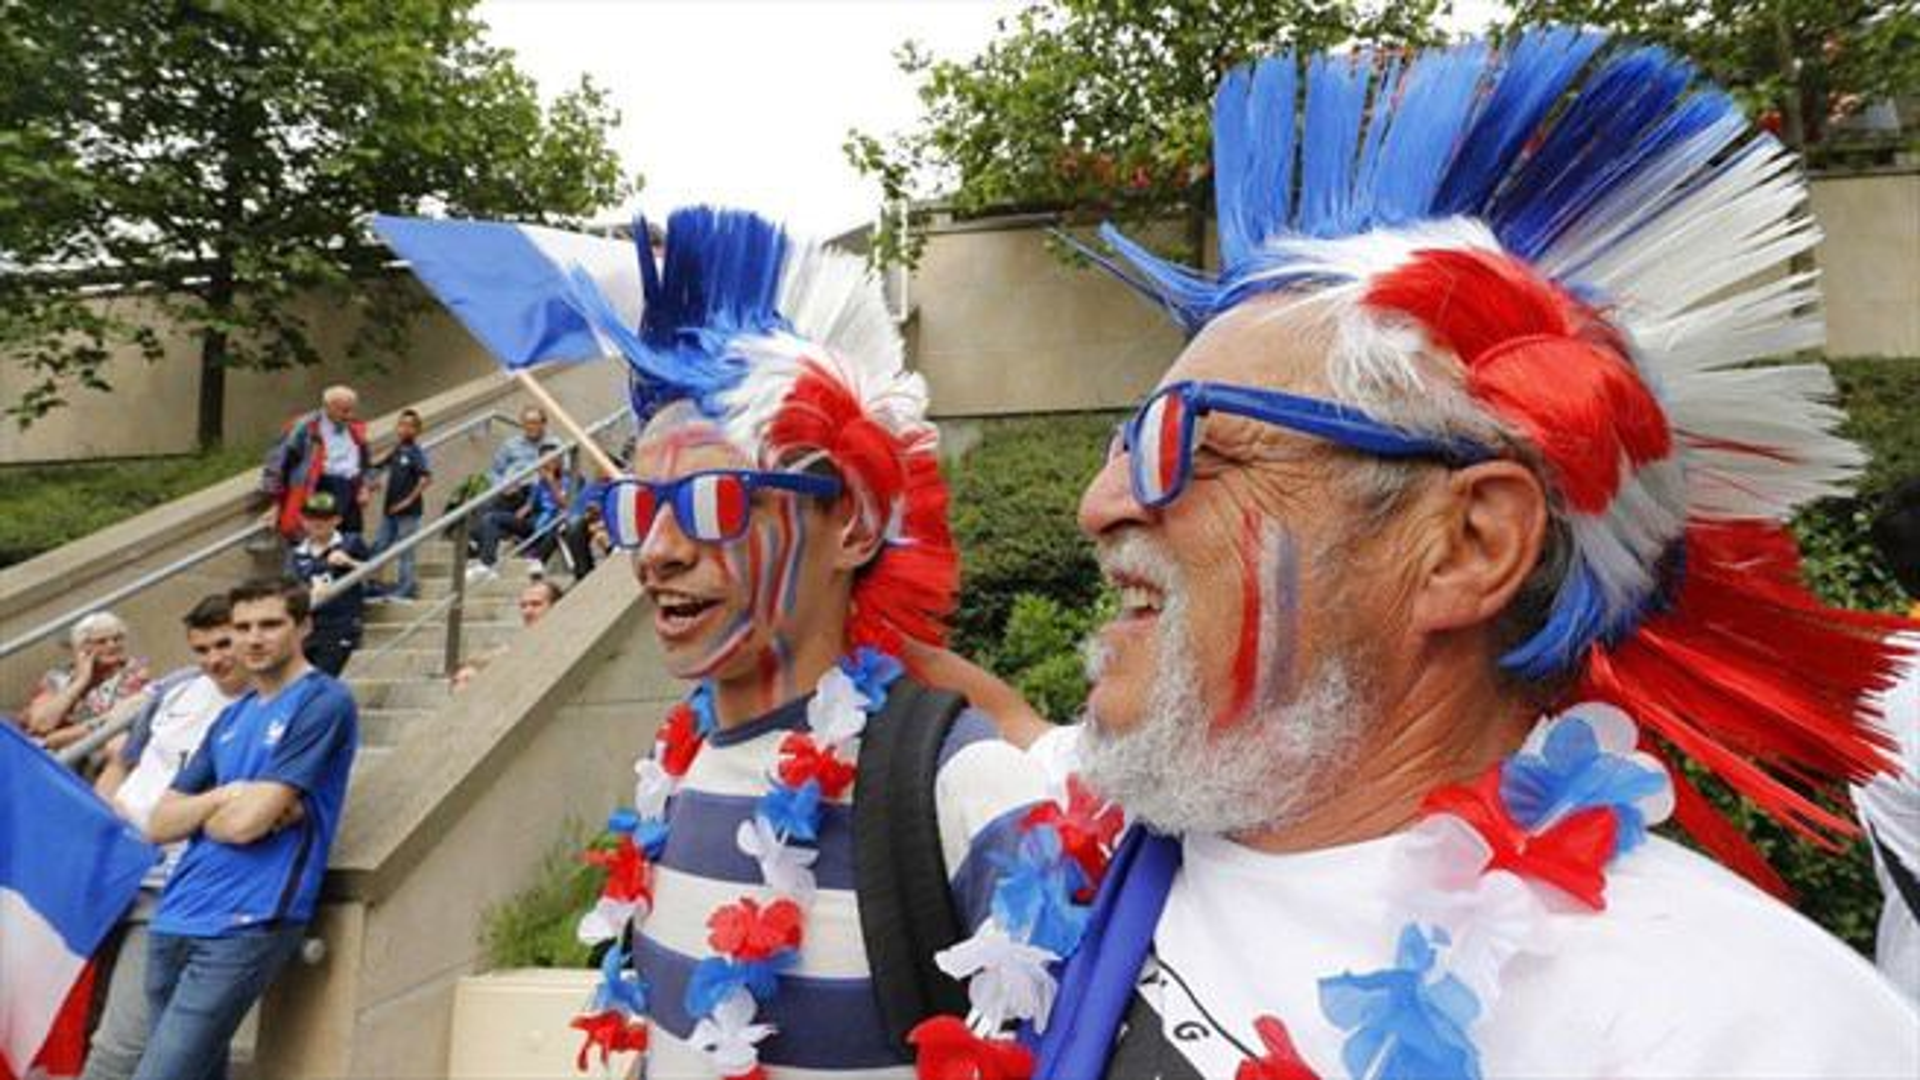 كارناوال هواداران بيرون ورزشگاه استادوفرانس؛ پیش از فینال یورو ٢٠١٦